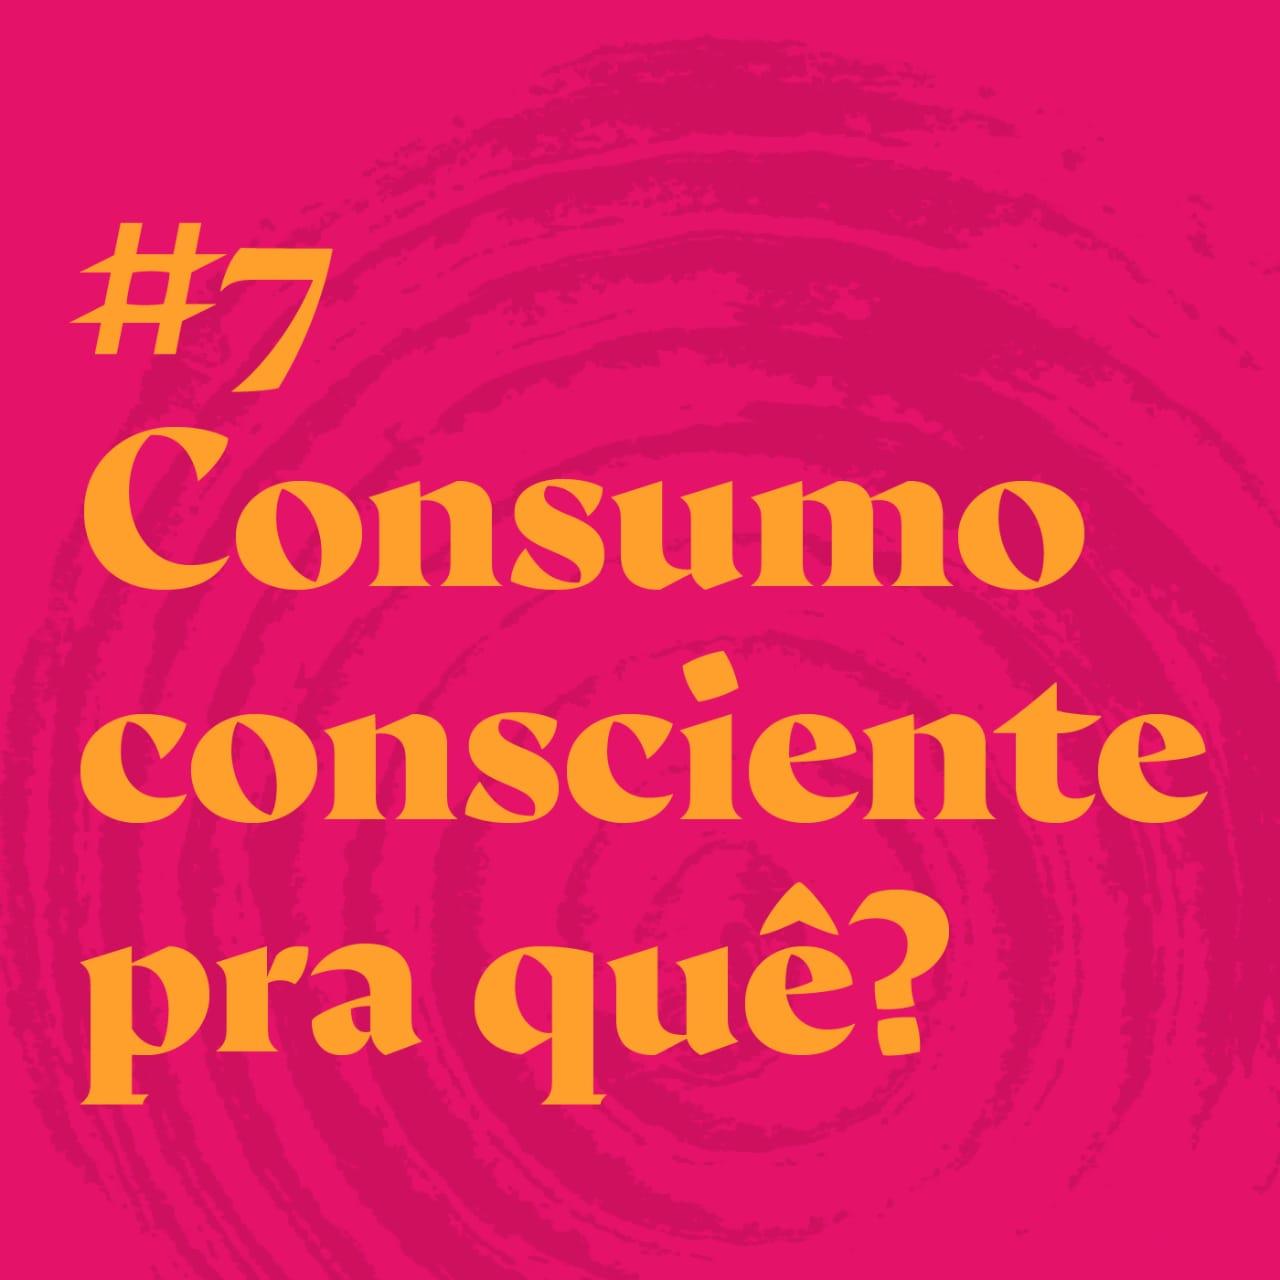 #7 Consumo consciente pra quê?  feat. Alana Rox